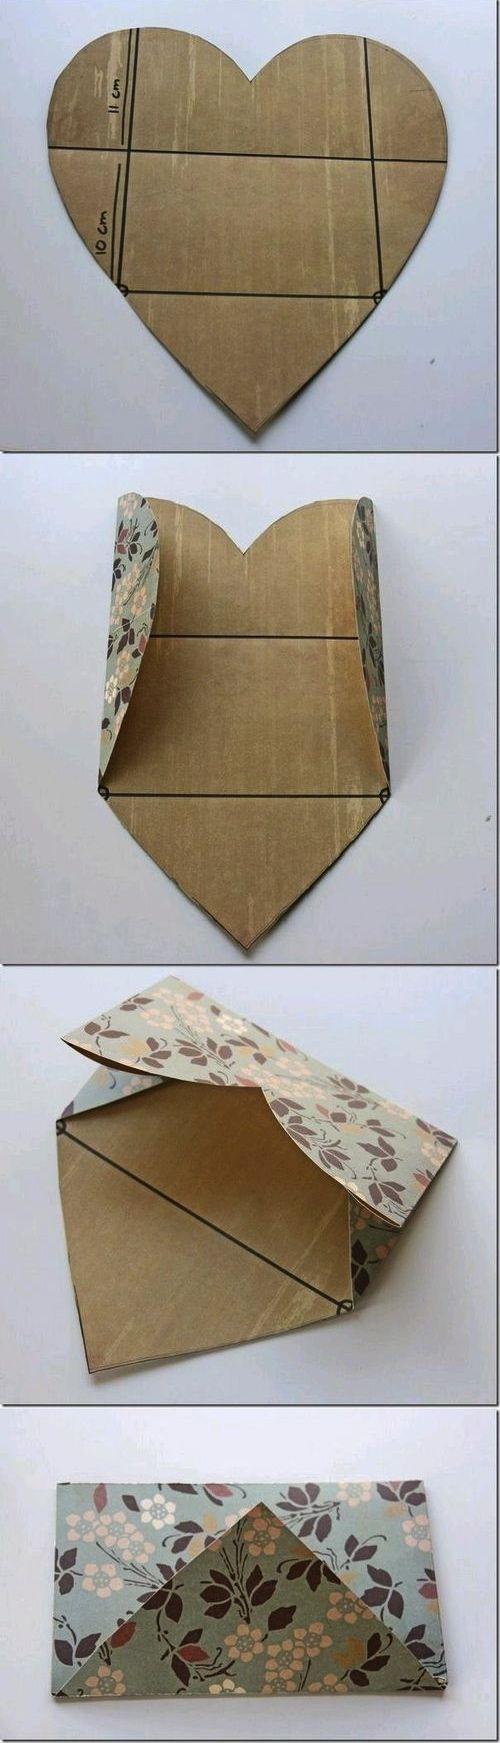 Как сделать конверт своими руками фото поэтапно